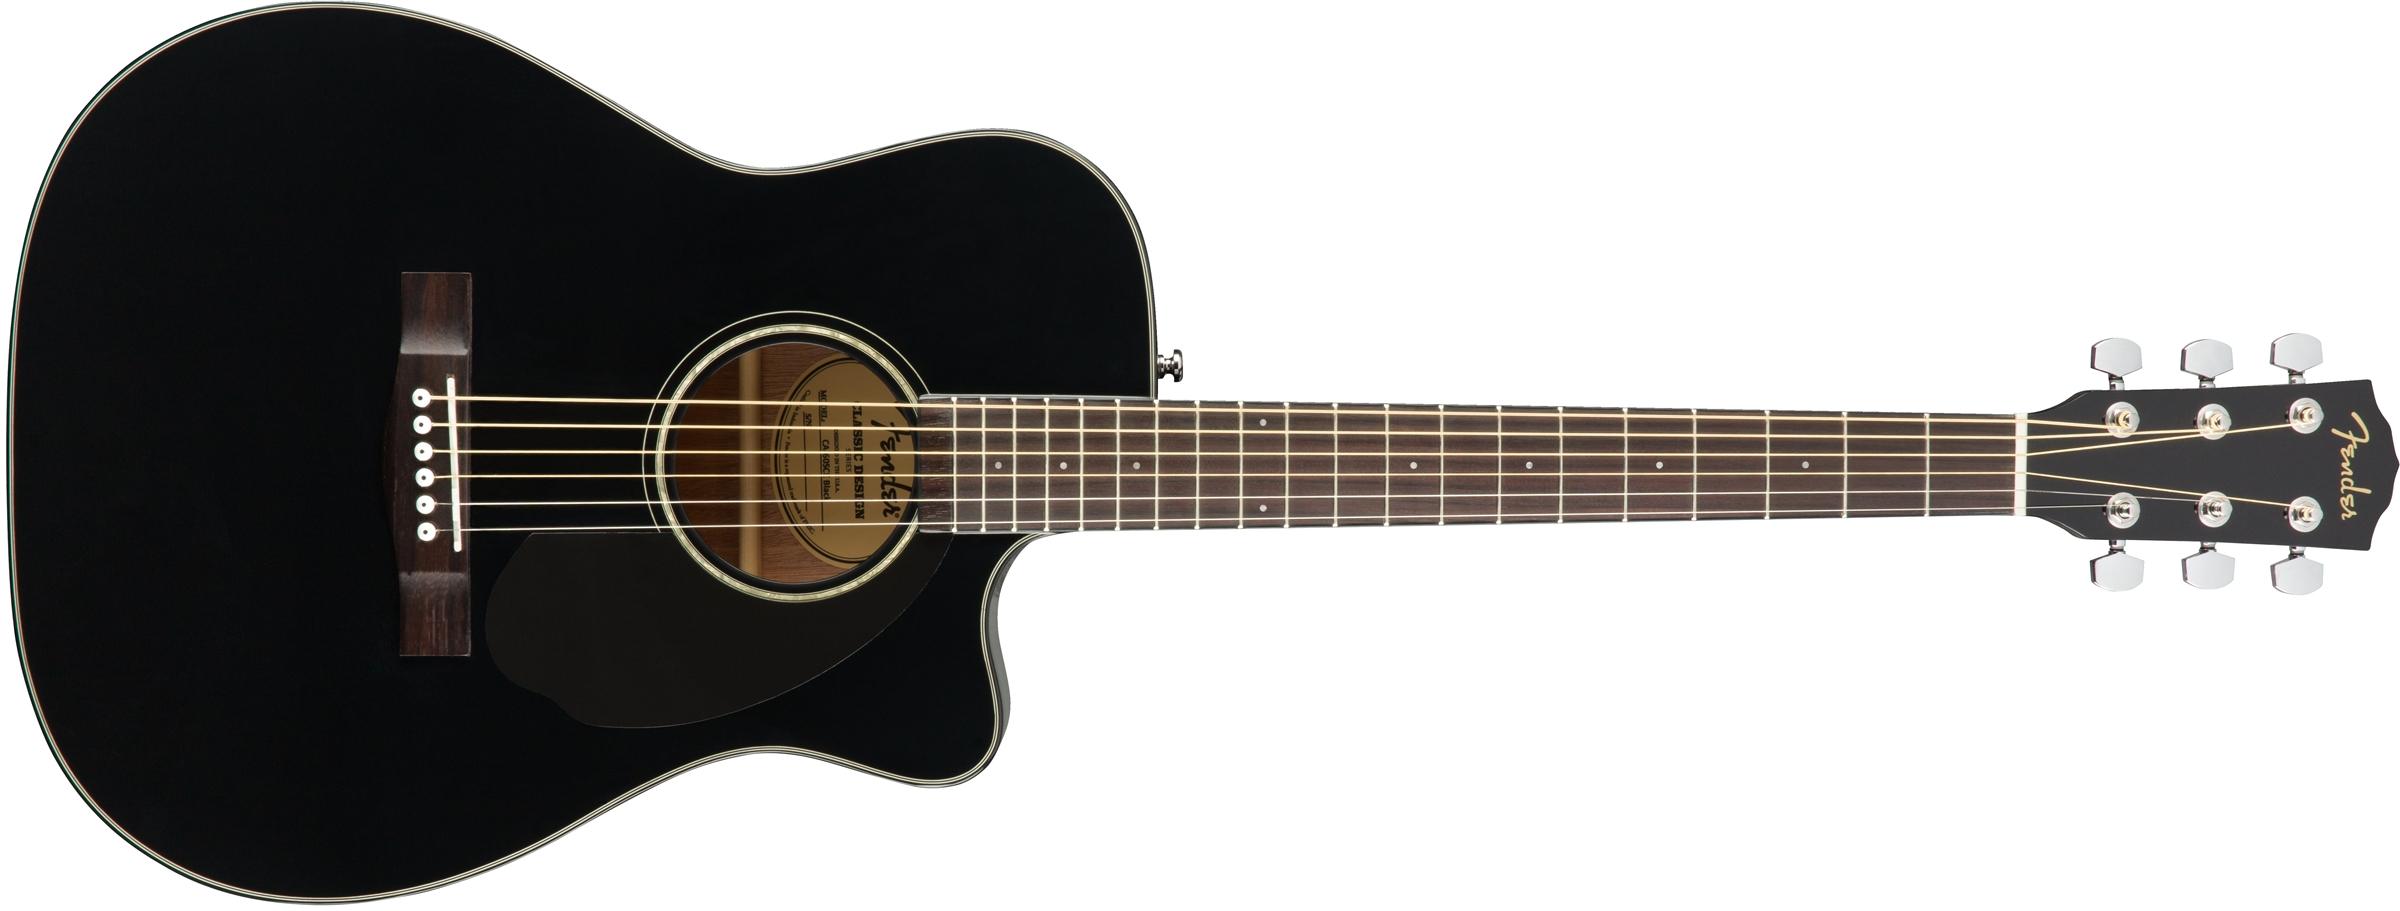 Cc 60sce Acoustic Guitars